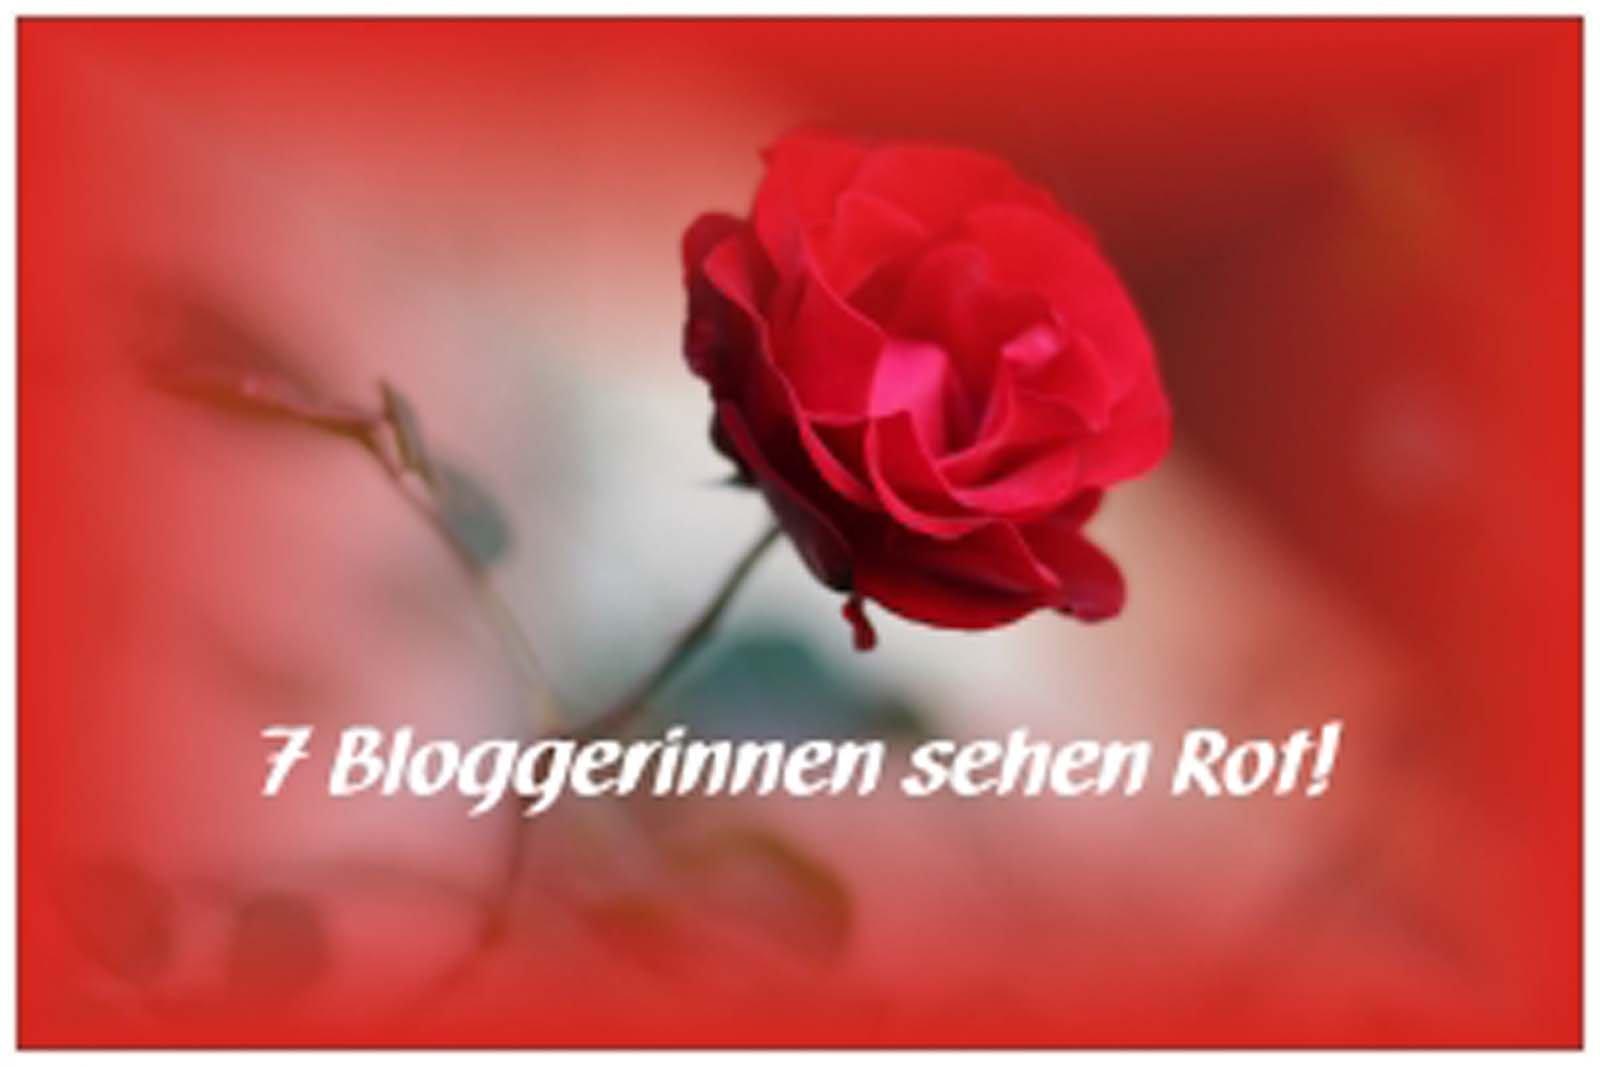 Bloggerinnen-sehen-Rot